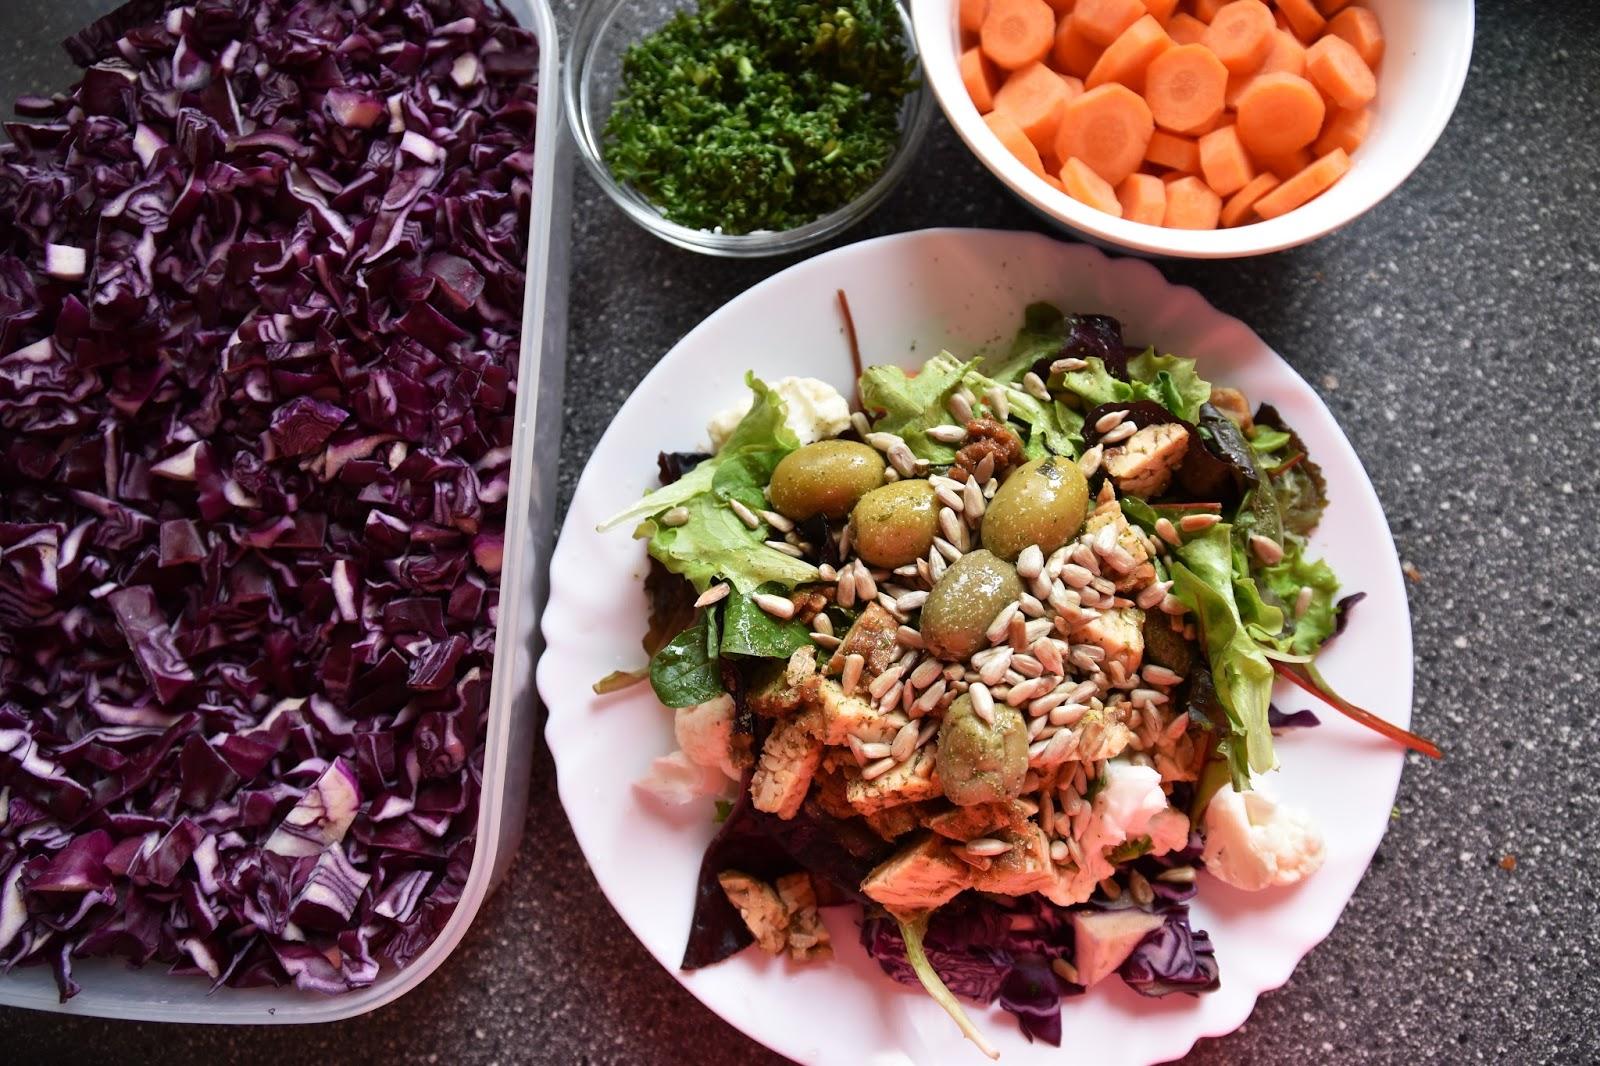 rychlé zdravé obědy